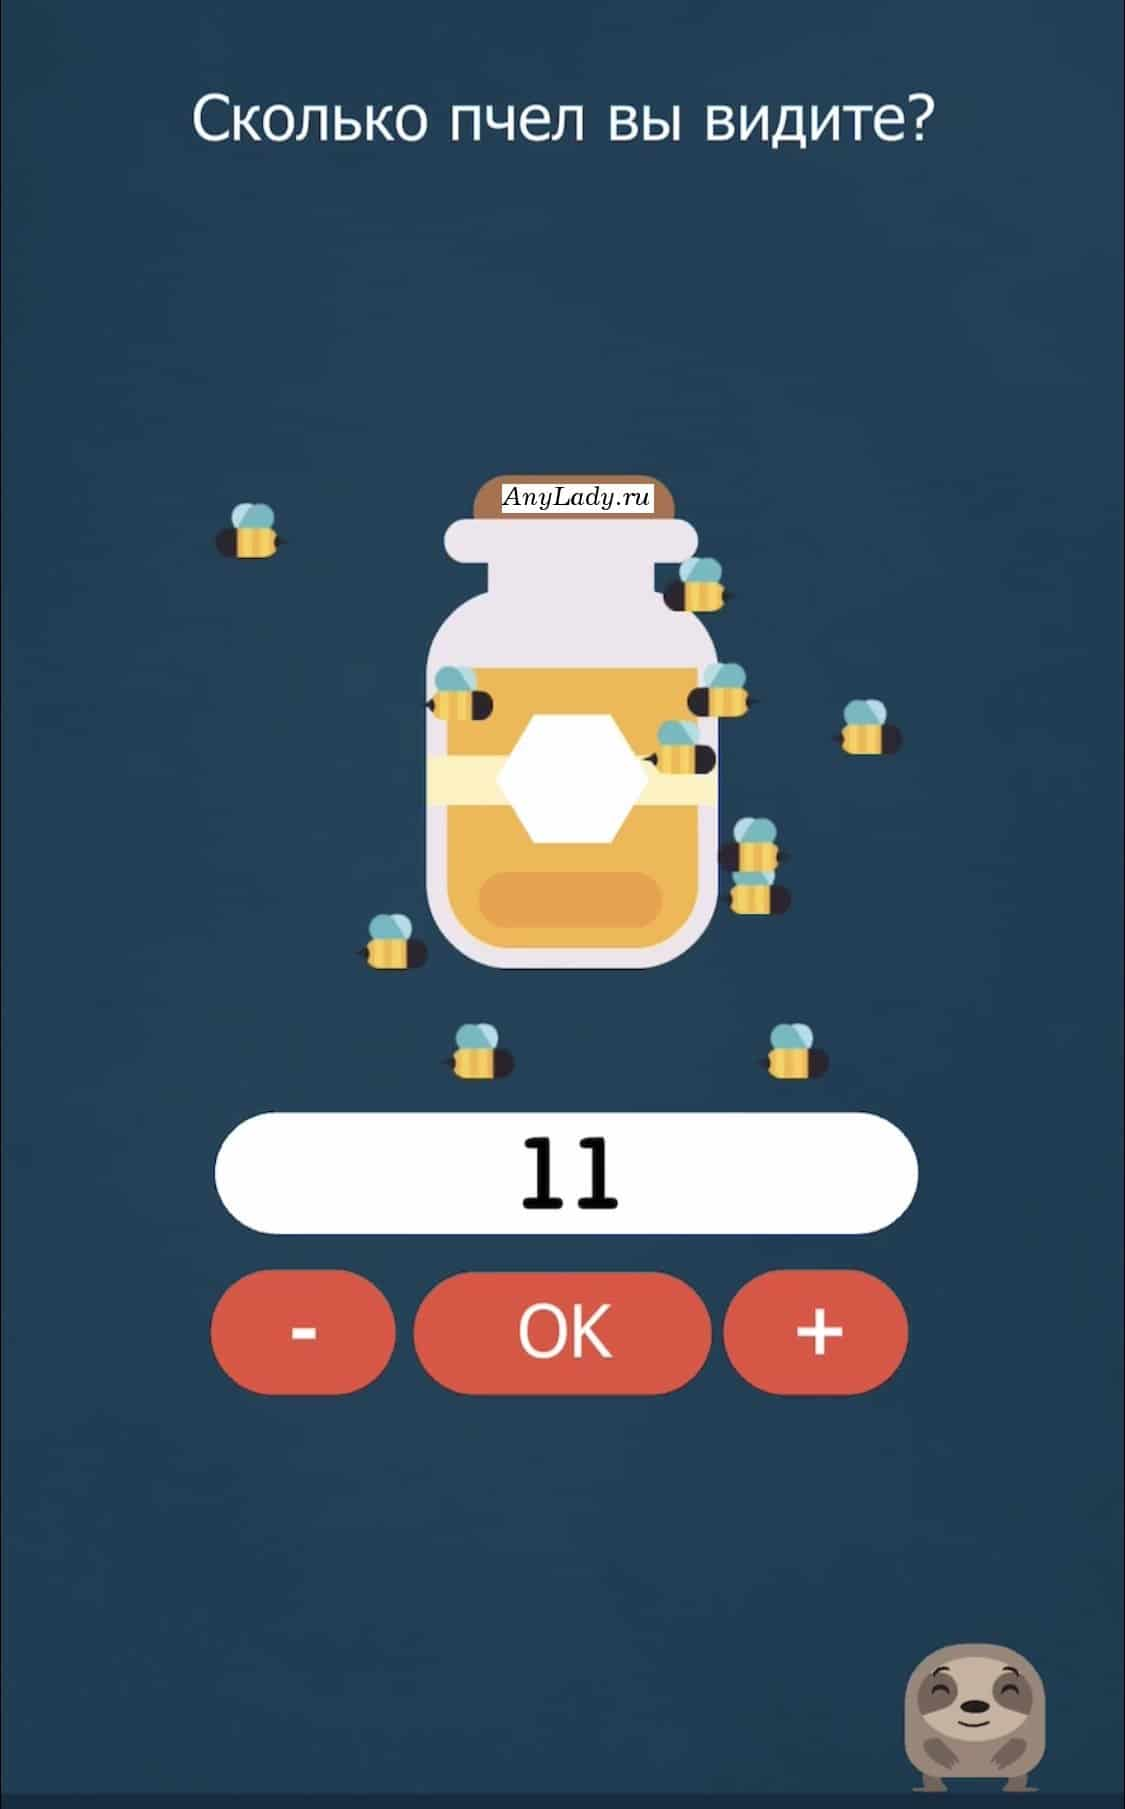 Остановить время и посчитать неугомонных пчел, поможет скриншот экрана.   Ответ: 11 - одиннадцать пчел.